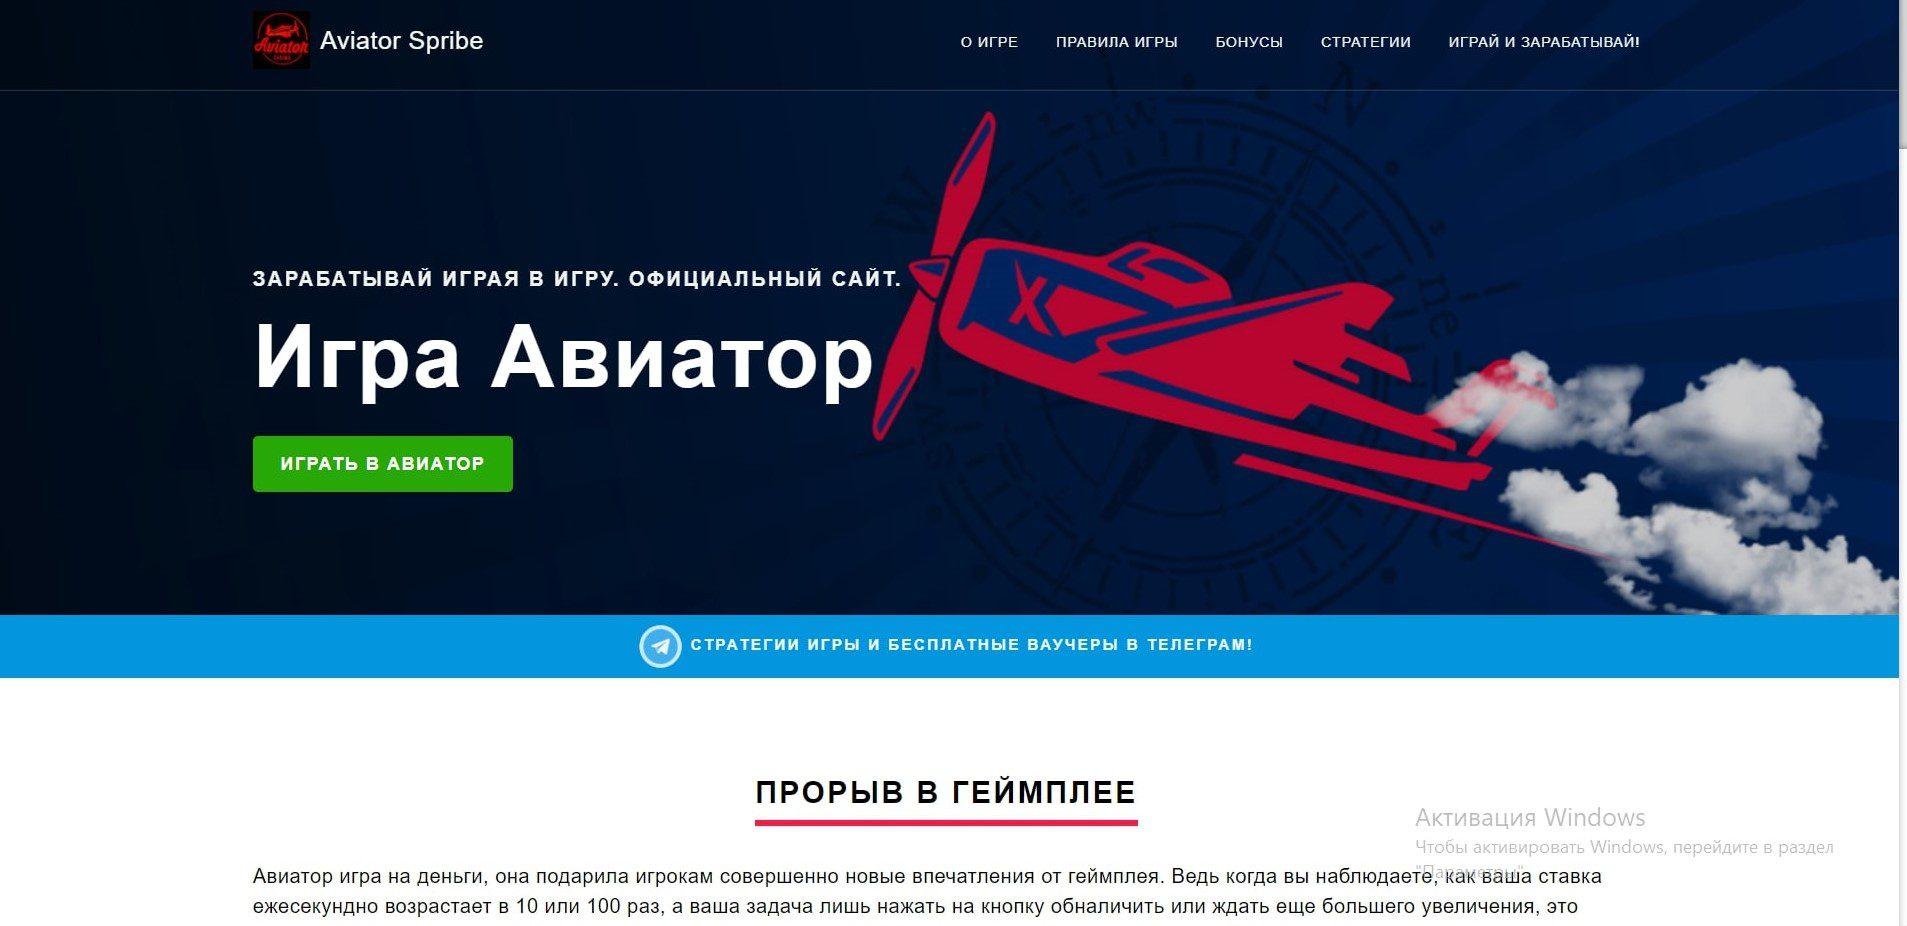 Aviator игра